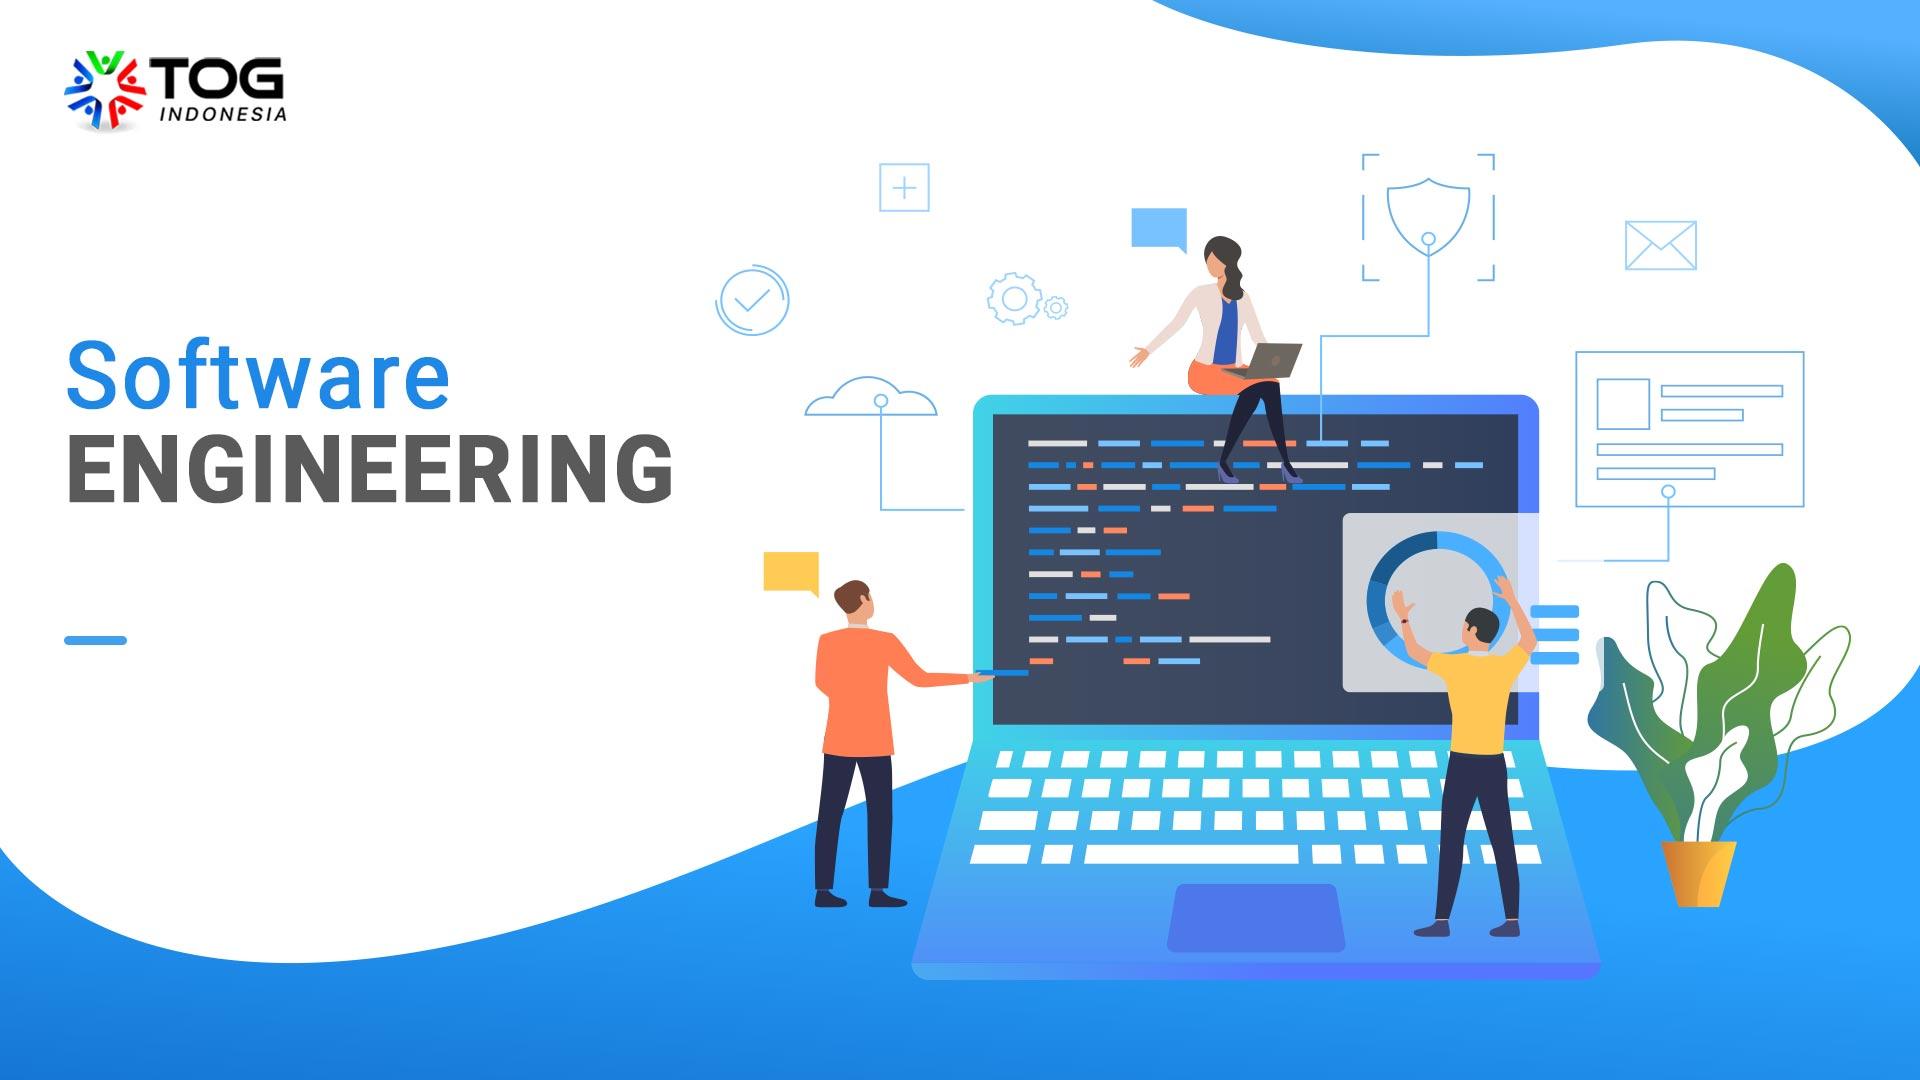 pekerjaan software engineering